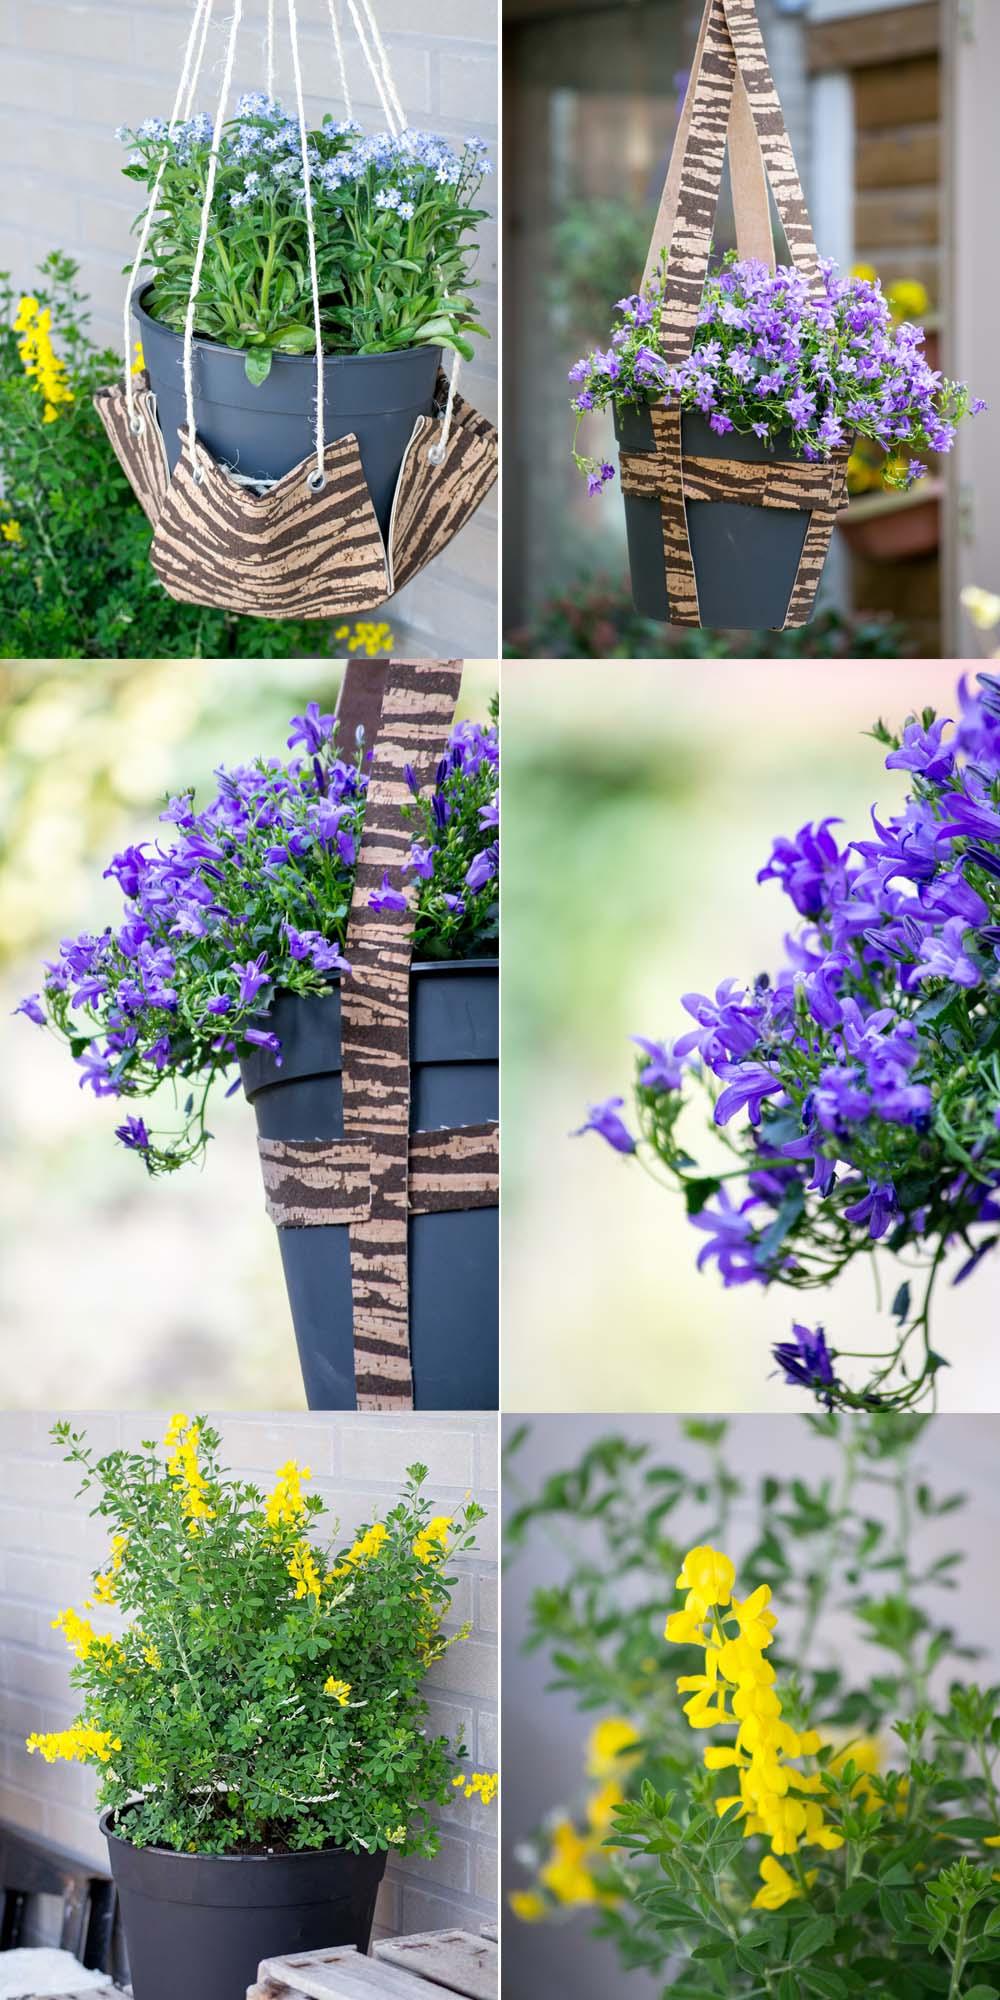 Aufhängung für Pflanzen DIY Kork